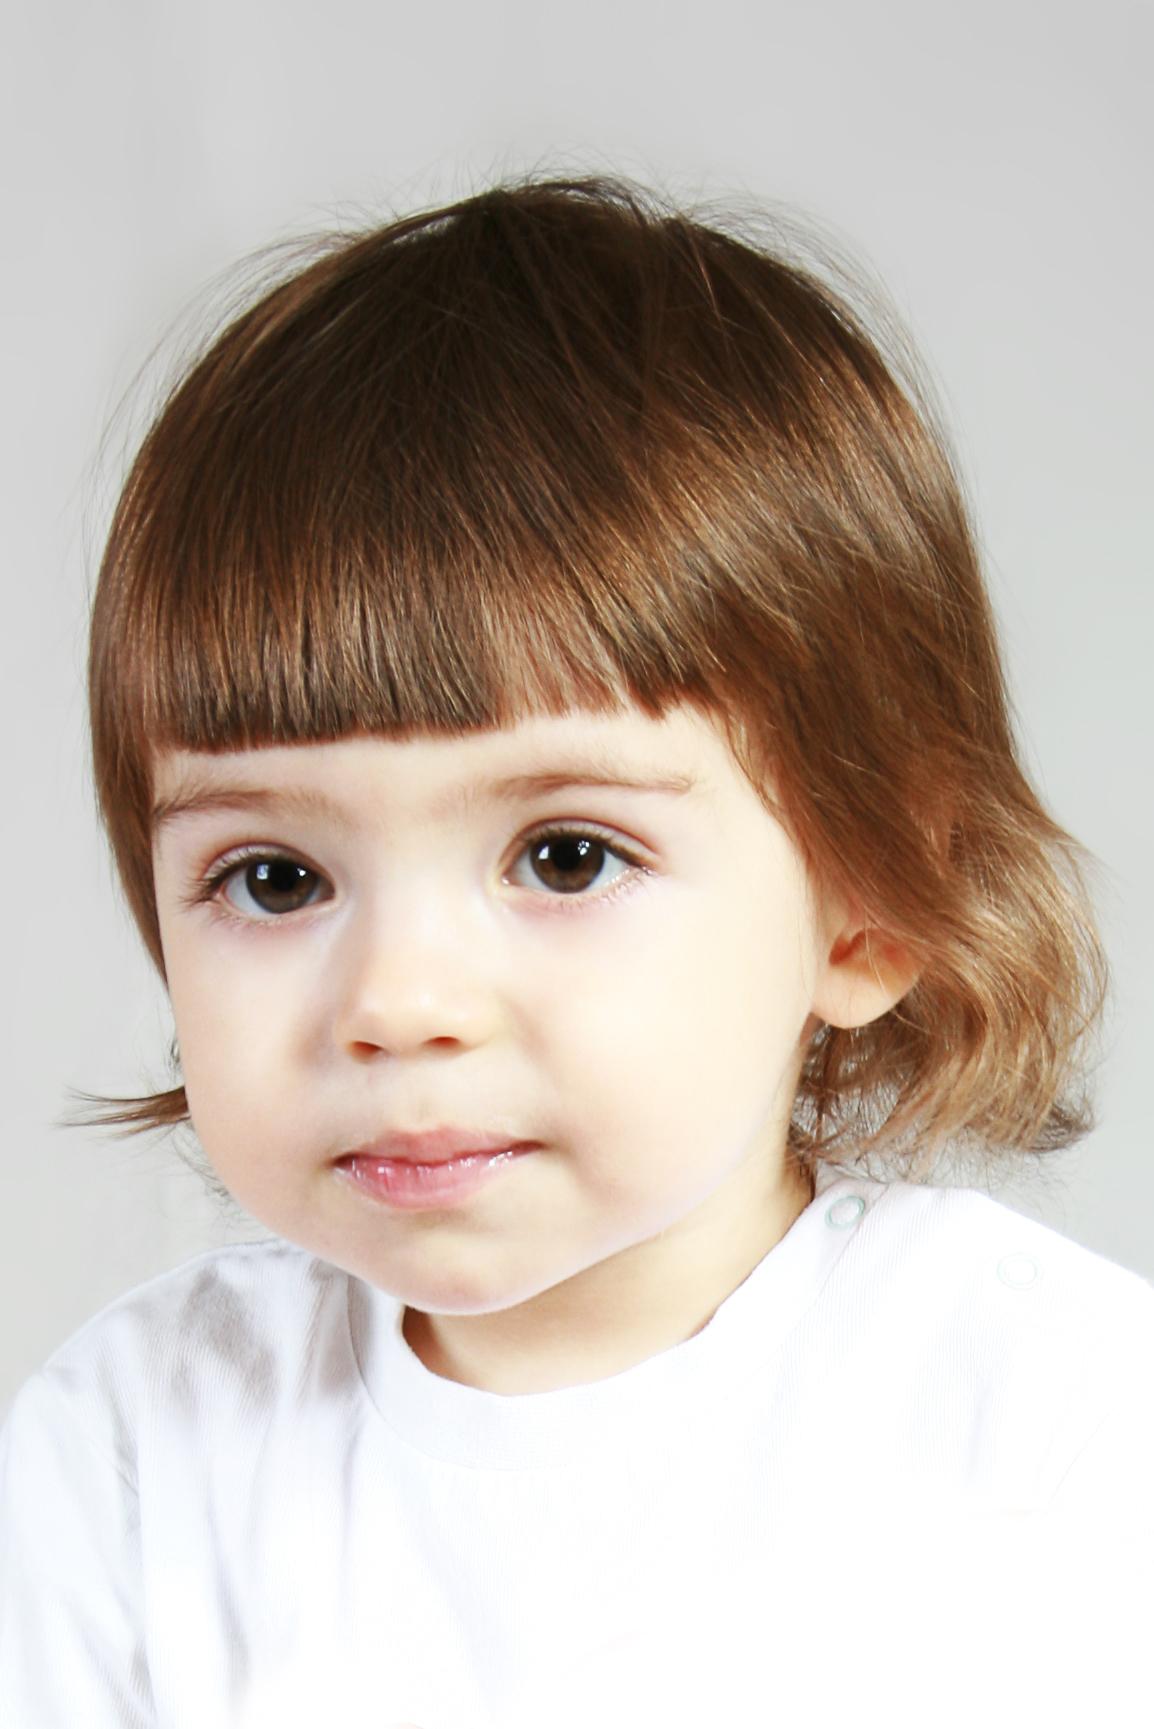 Никитке 1,5 года. Малыш на обложку